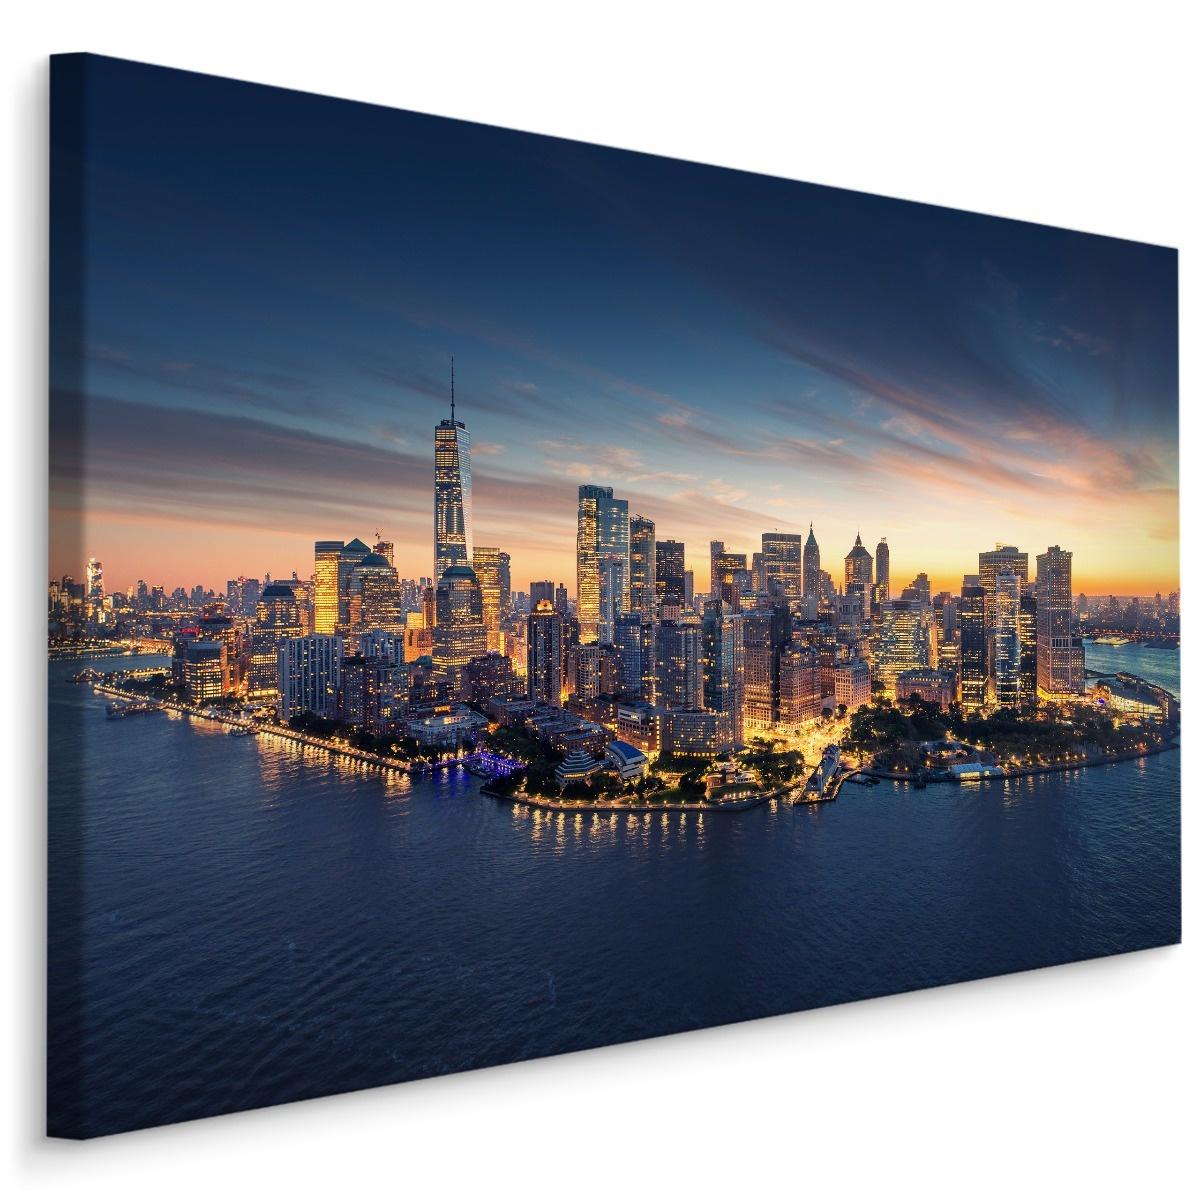 Schilderij Panorama van New York City in de avond, blauw, 4 maten, premium print